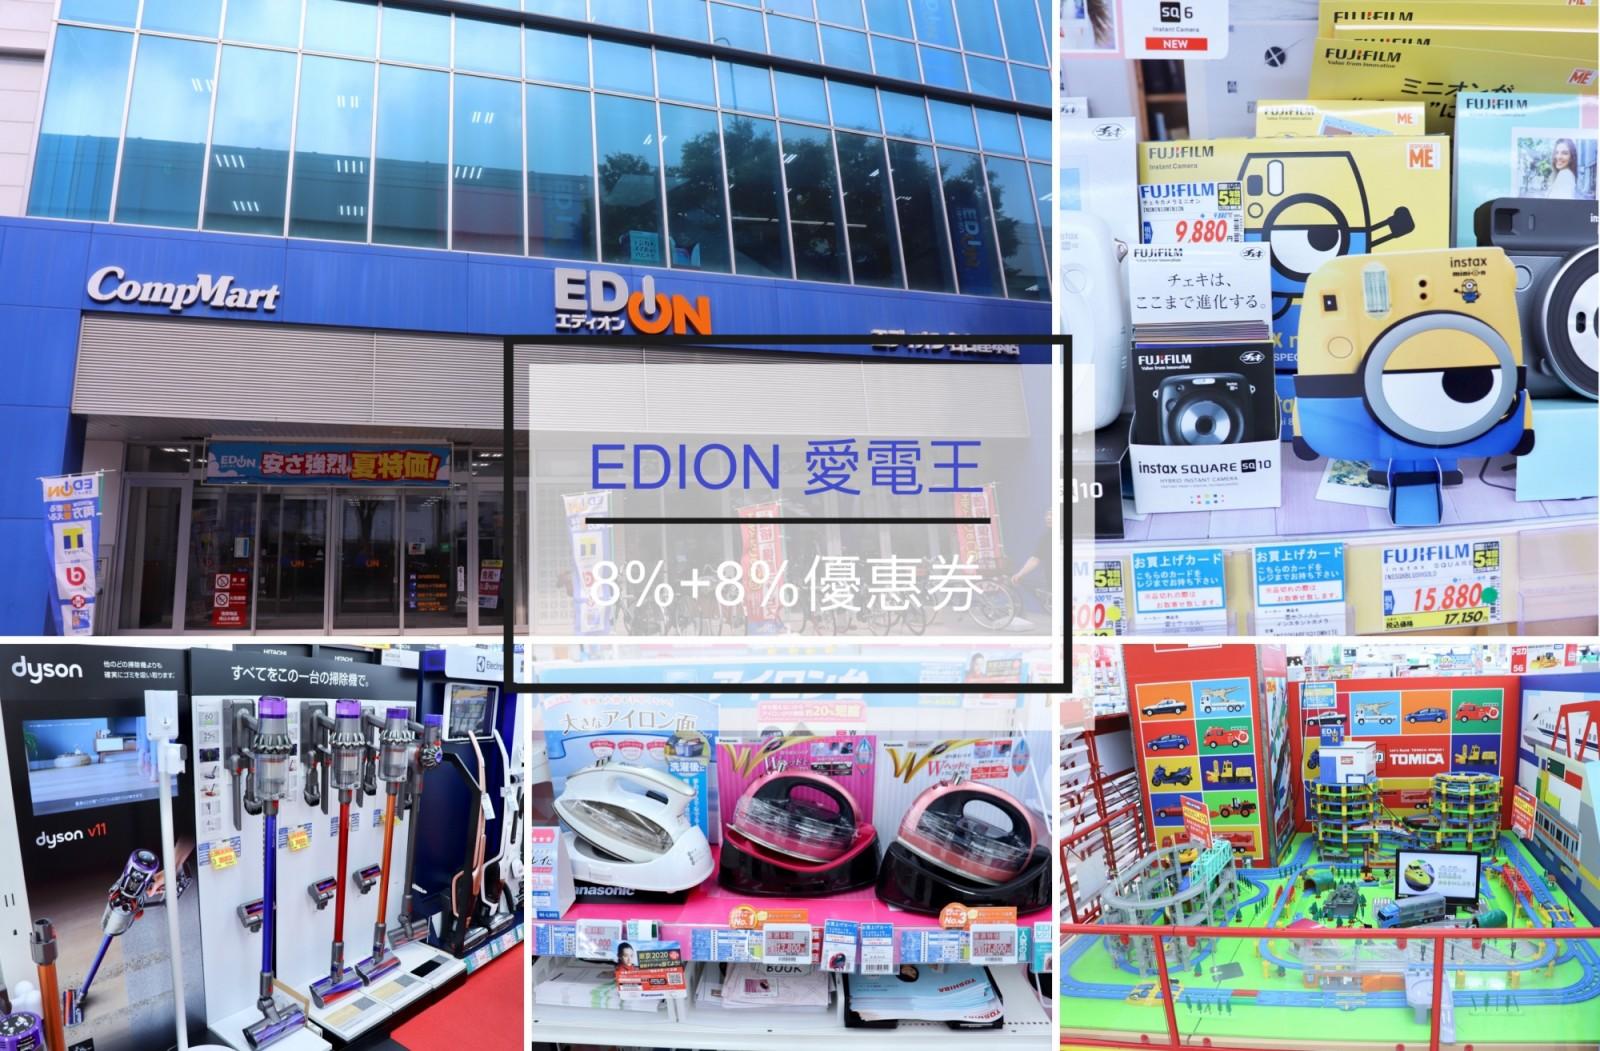 ☆【2019。名古屋】EDION愛電王優惠券超好用!免稅8%+折扣8% @凱的日本食尚日記